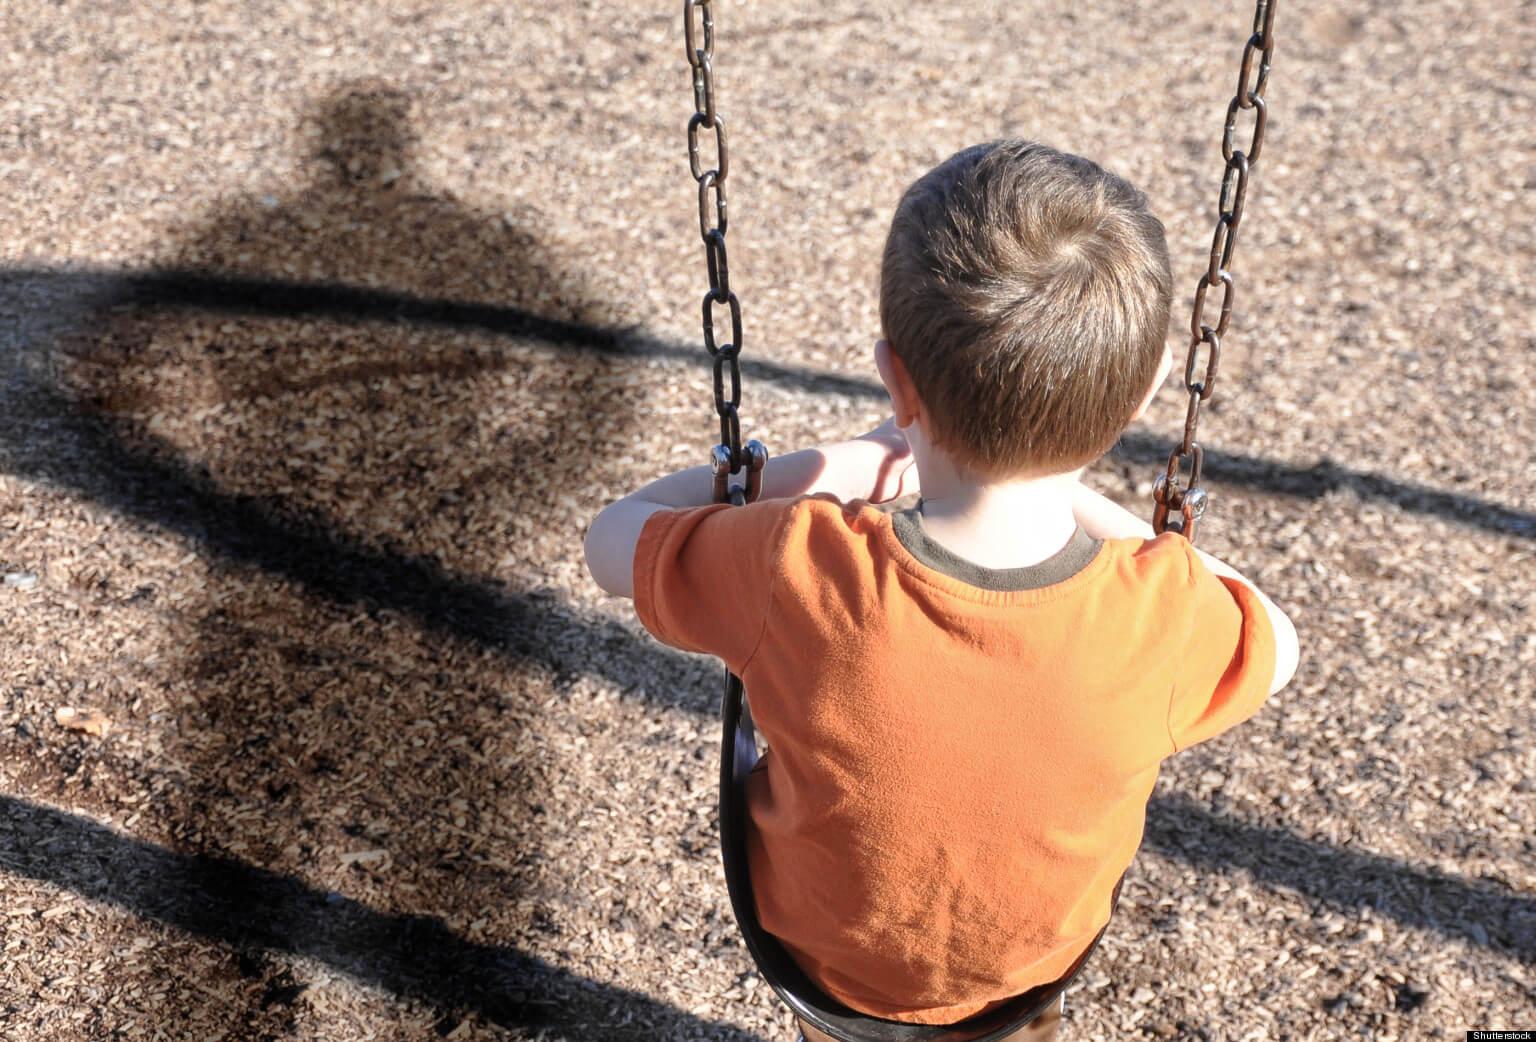 В Тверской области похитили ребенка